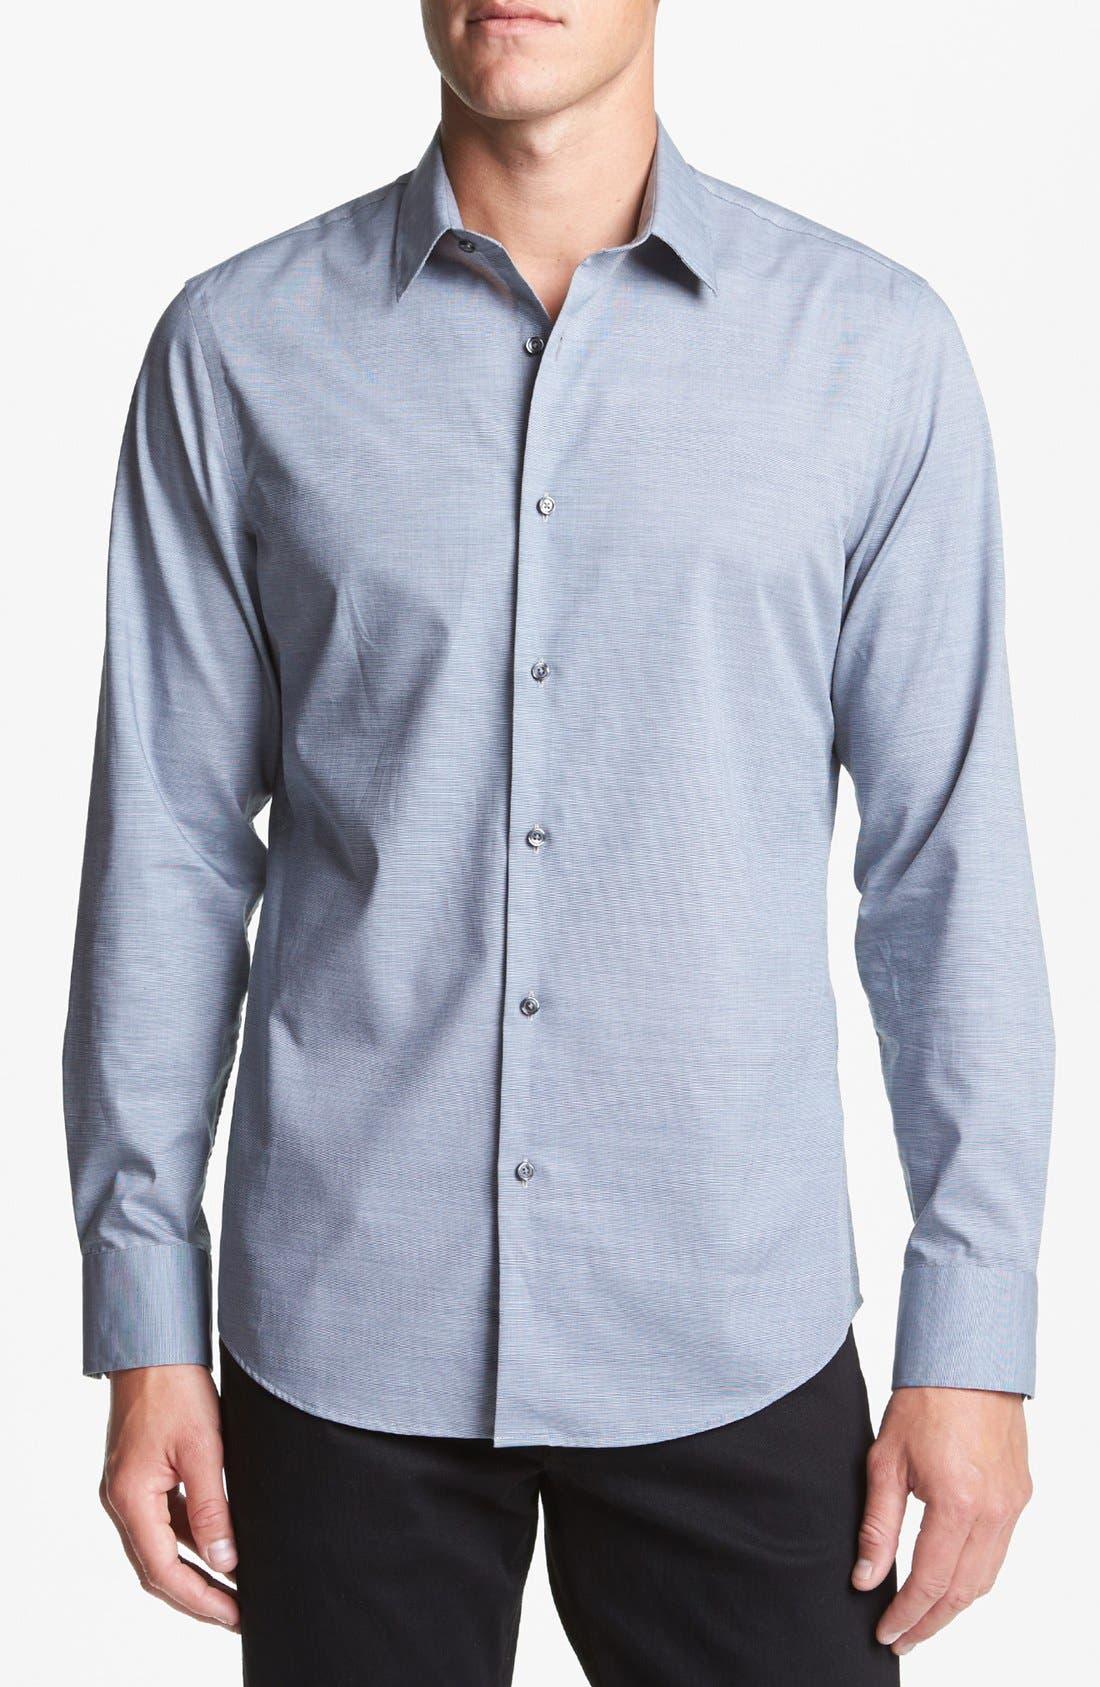 Main Image - Calibrate Slim Fit Sport Shirt